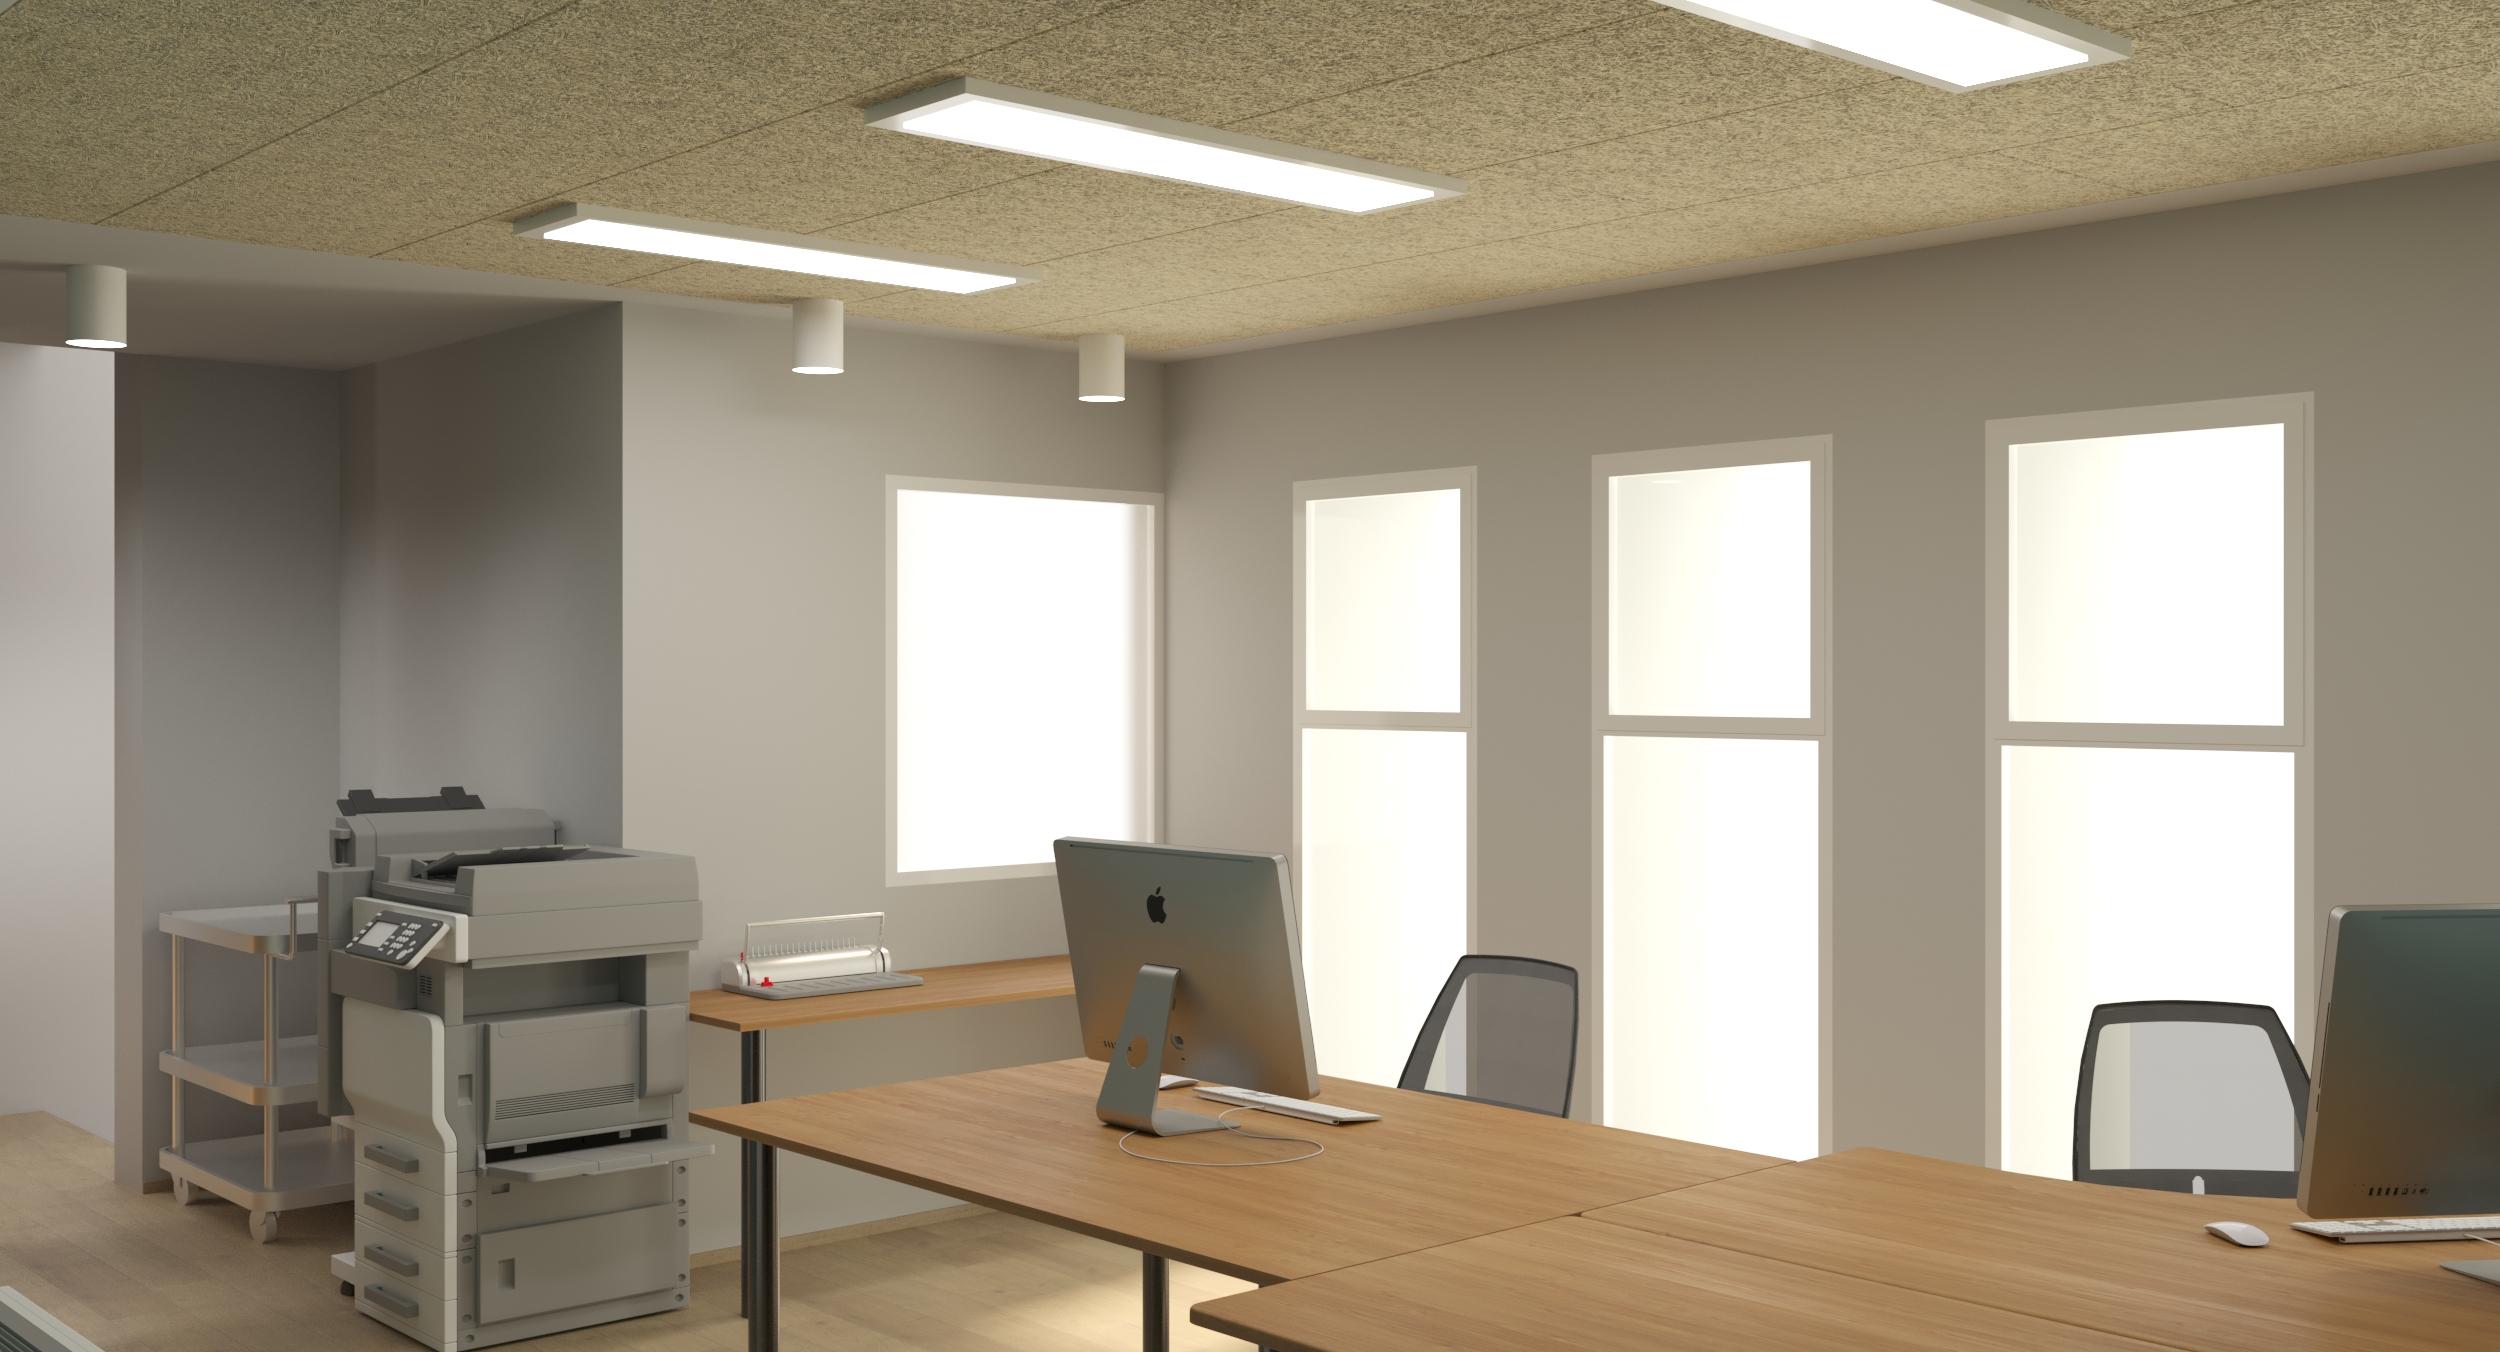 emmme studio slow design oficinas ordenanzas Enresa  02.jpg